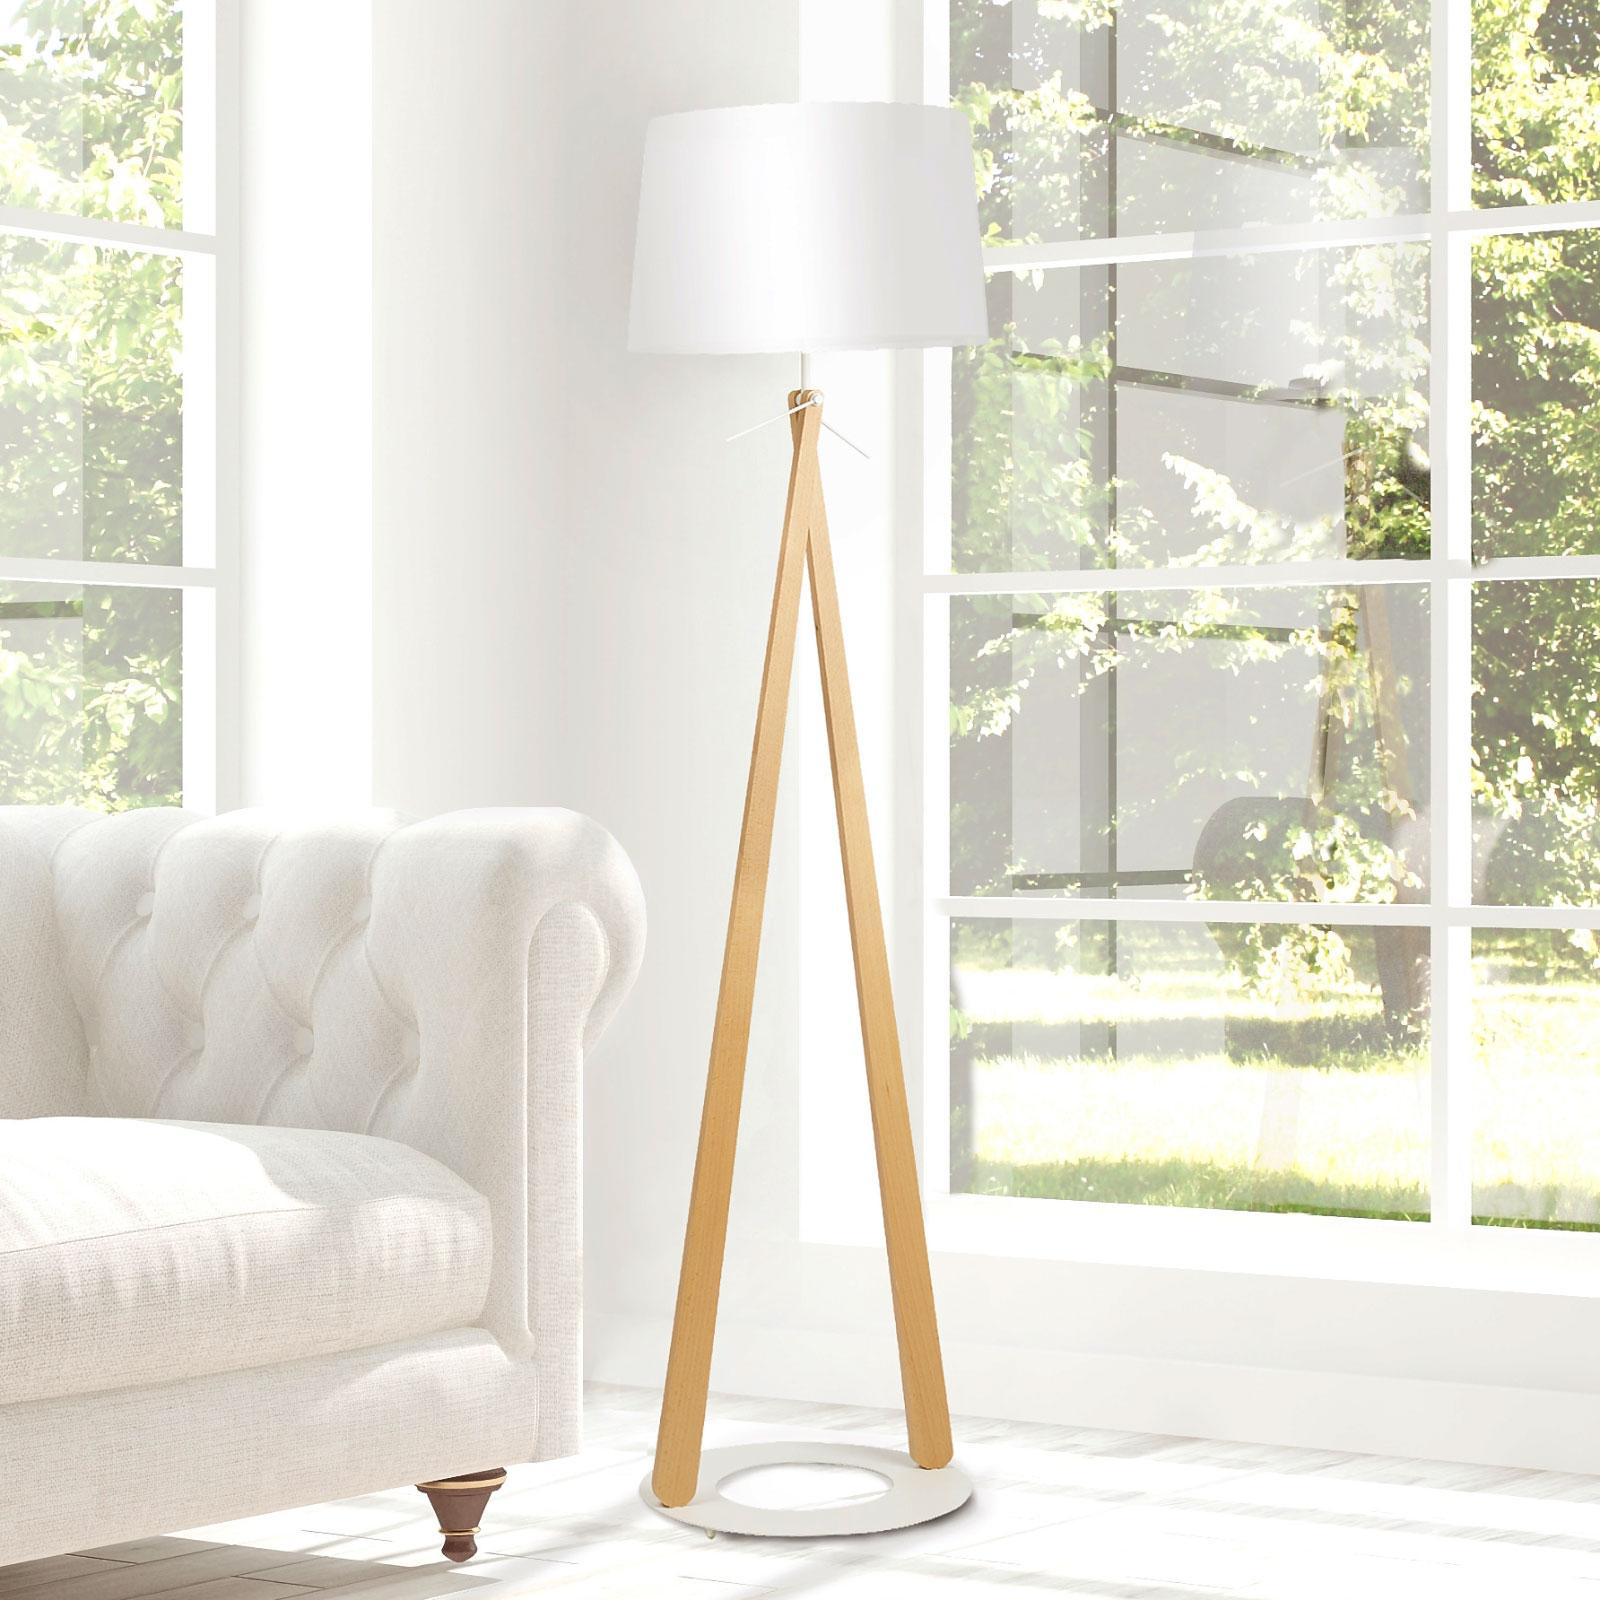 Stehleuchte Zazou LS, Textil-Schirm, weißer Sockel